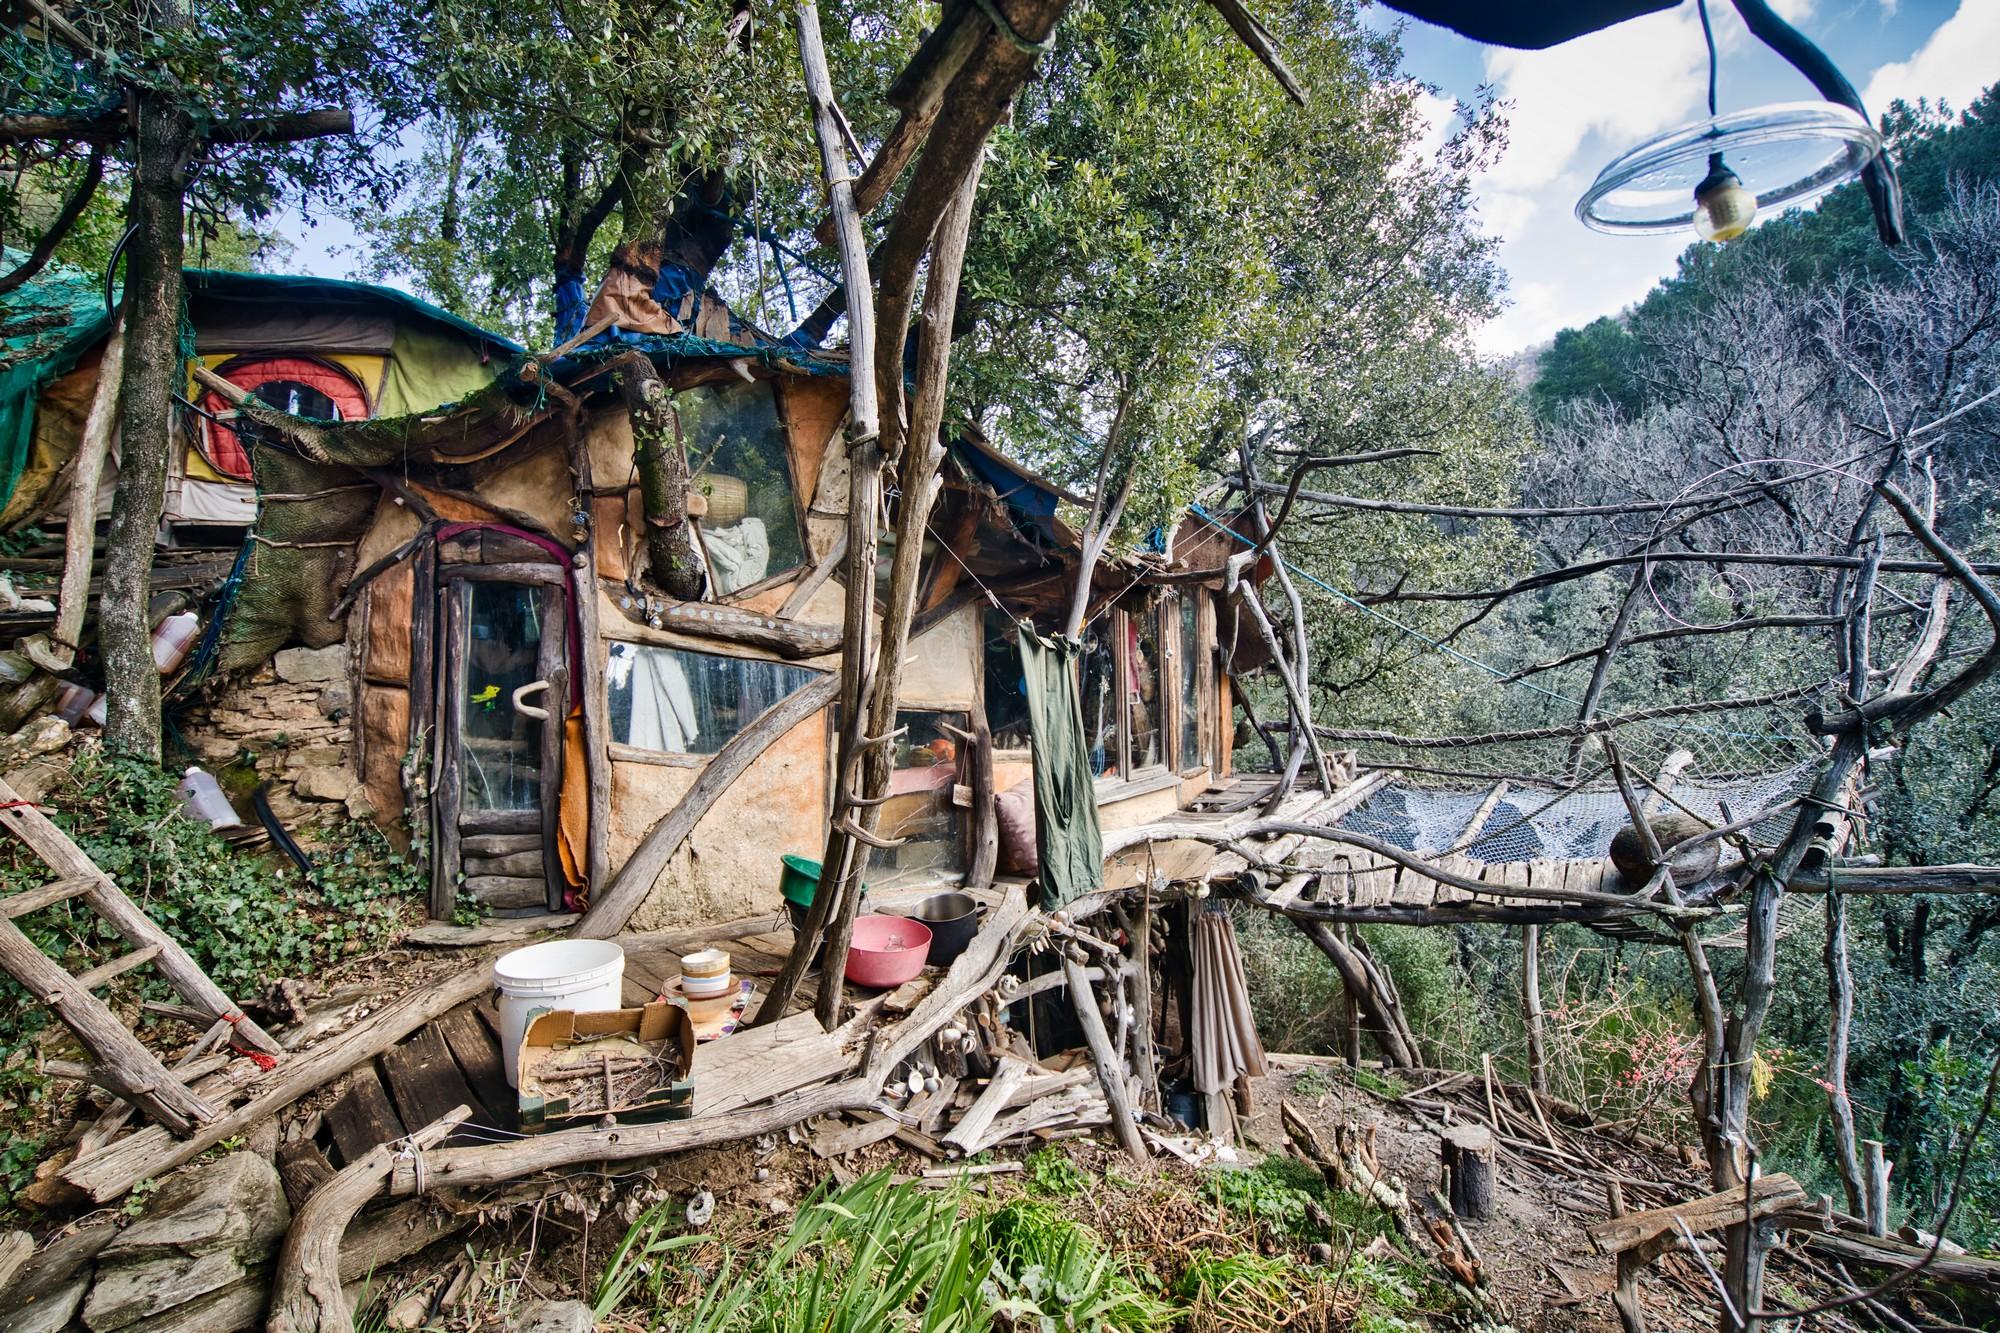 Une fascinante cabane de presque 20 ans, construite sans vis ni clous, dans un endroit tenu secret, au cœur du parc national des Cévennes.©KevinSimon